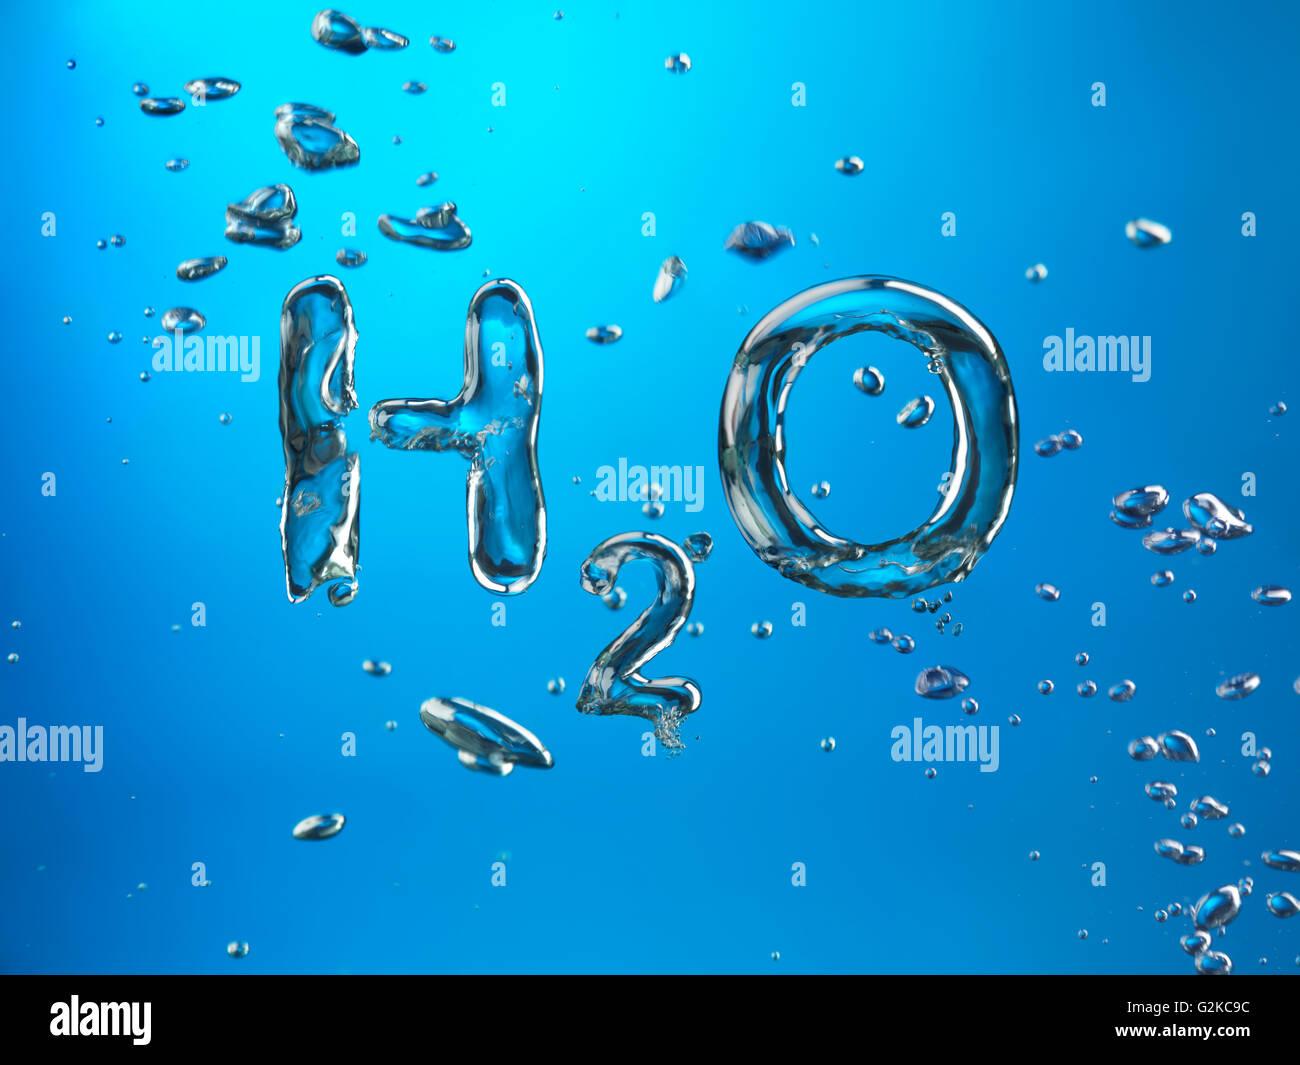 Formel für Wasser, H2O, gemacht von Luftblasen im Wasser Stockbild